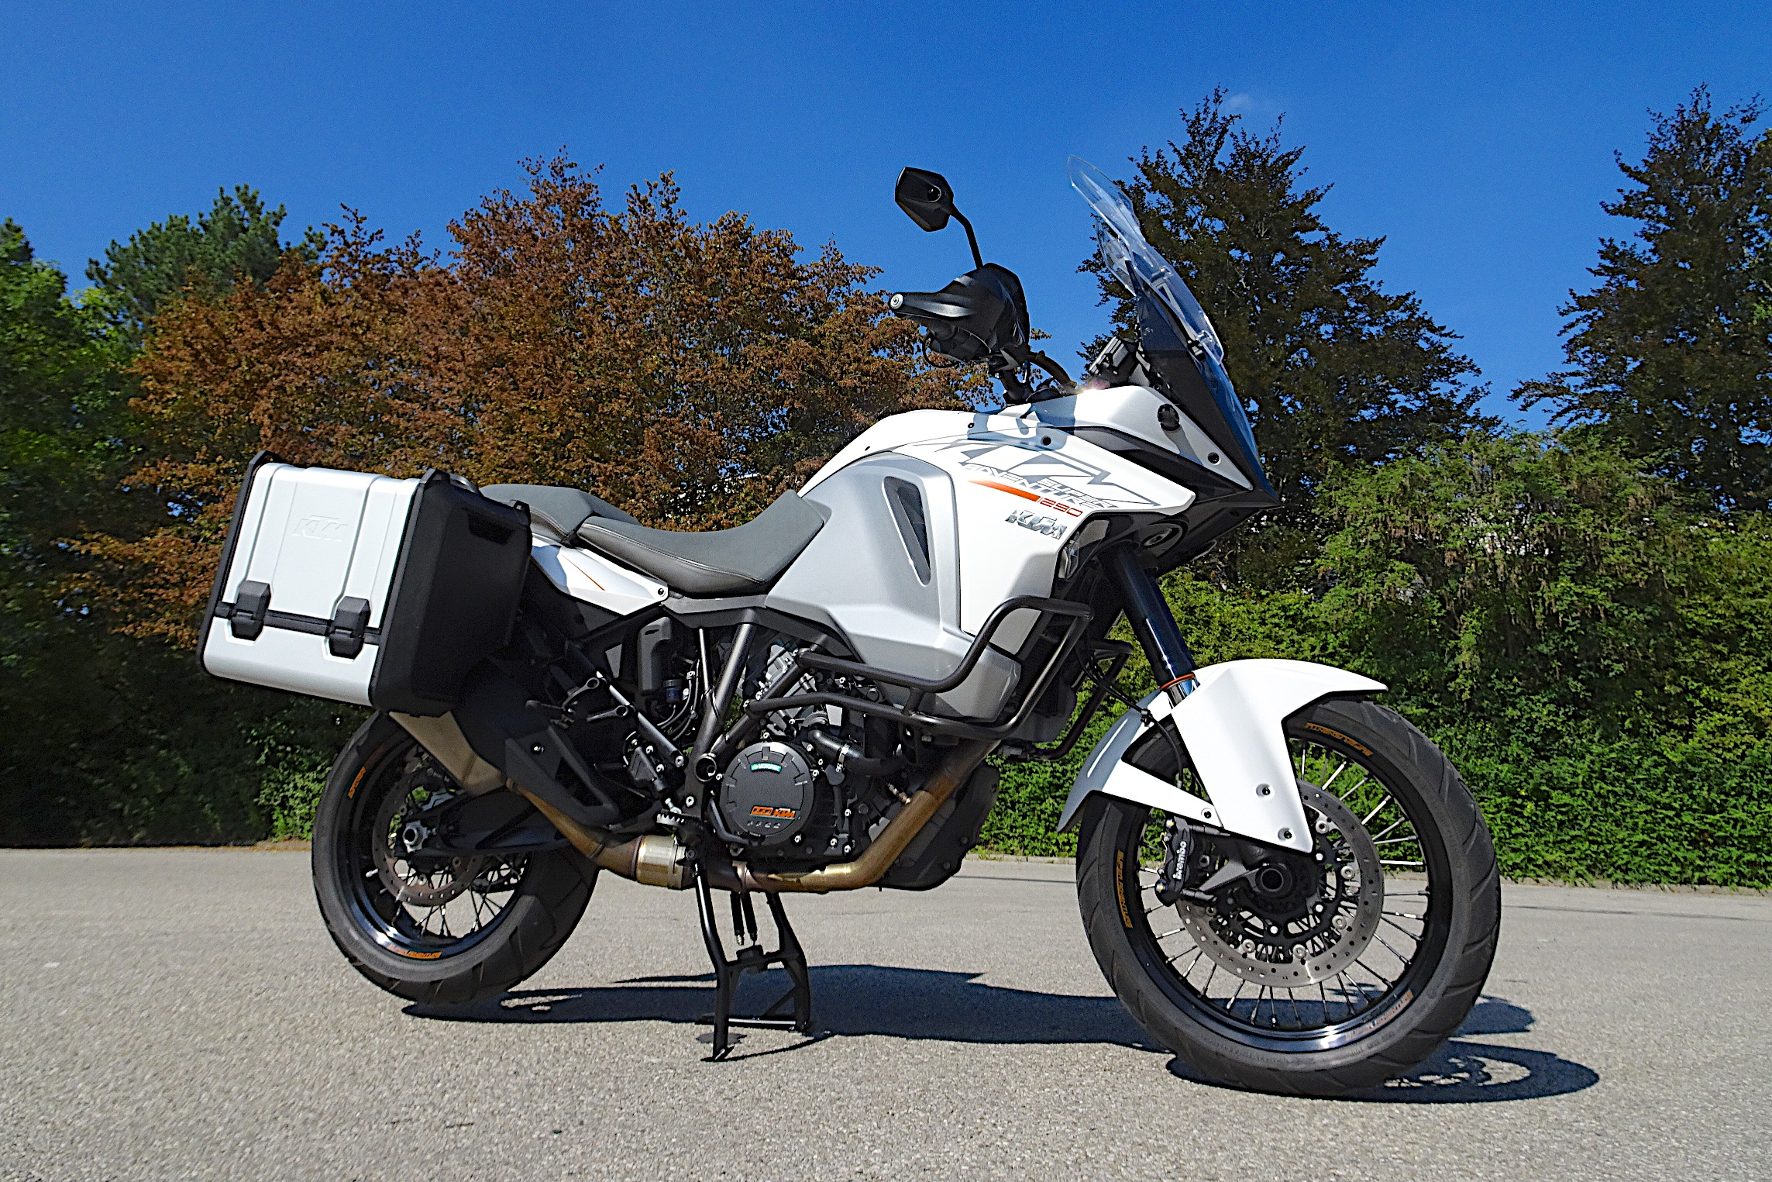 mid München - Mit einem Leergewicht von 249 Kilogramm ist die KTM eine relativ leichte Reise-Enduro.